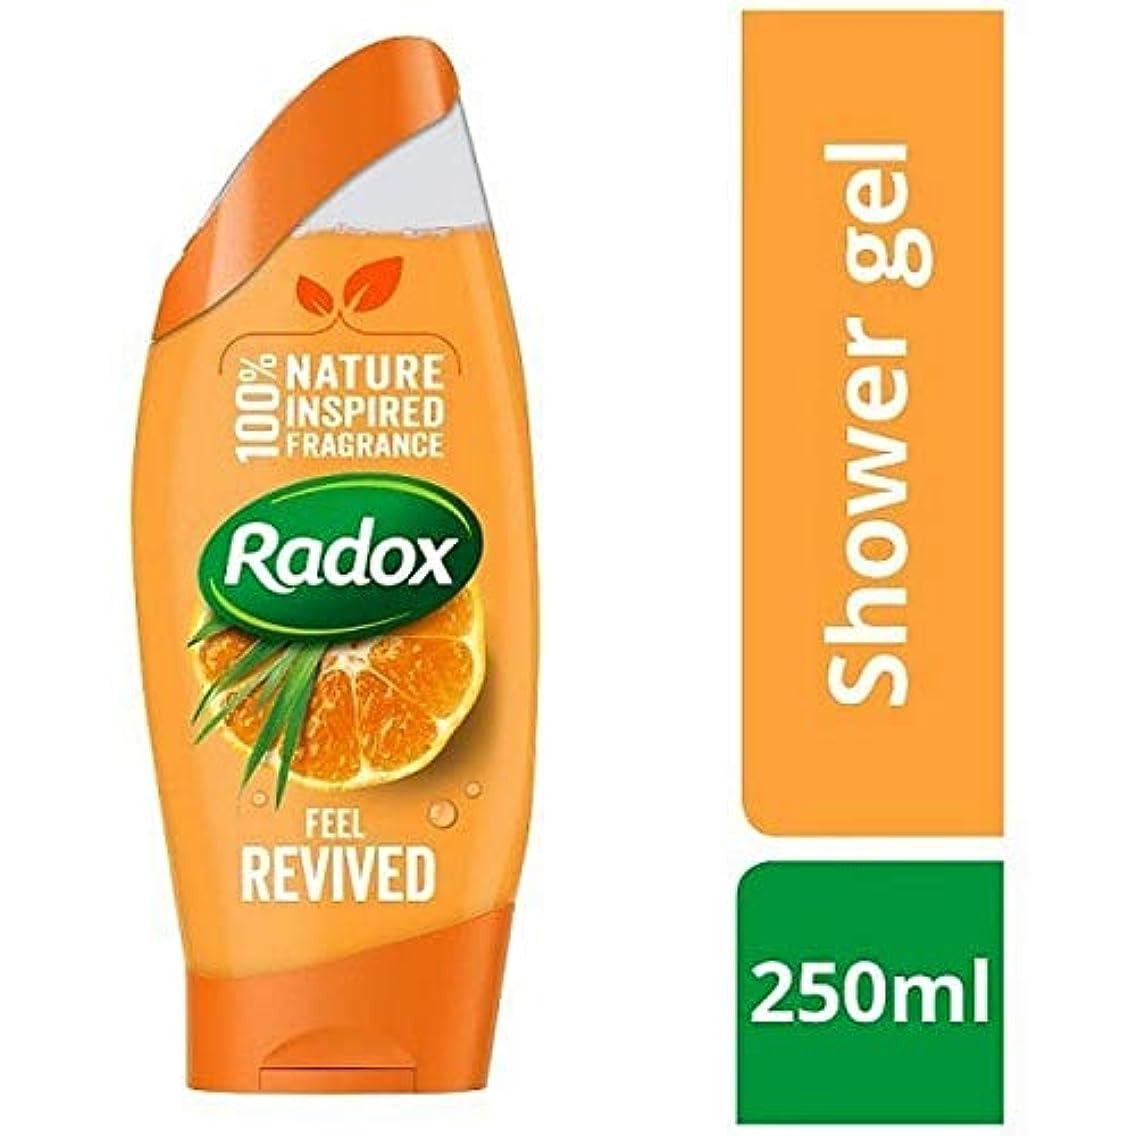 恥接辞台風[Radox] Radox感触復活シャワージェル250ミリリットル - Radox Feel Revived Shower Gel 250ml [並行輸入品]